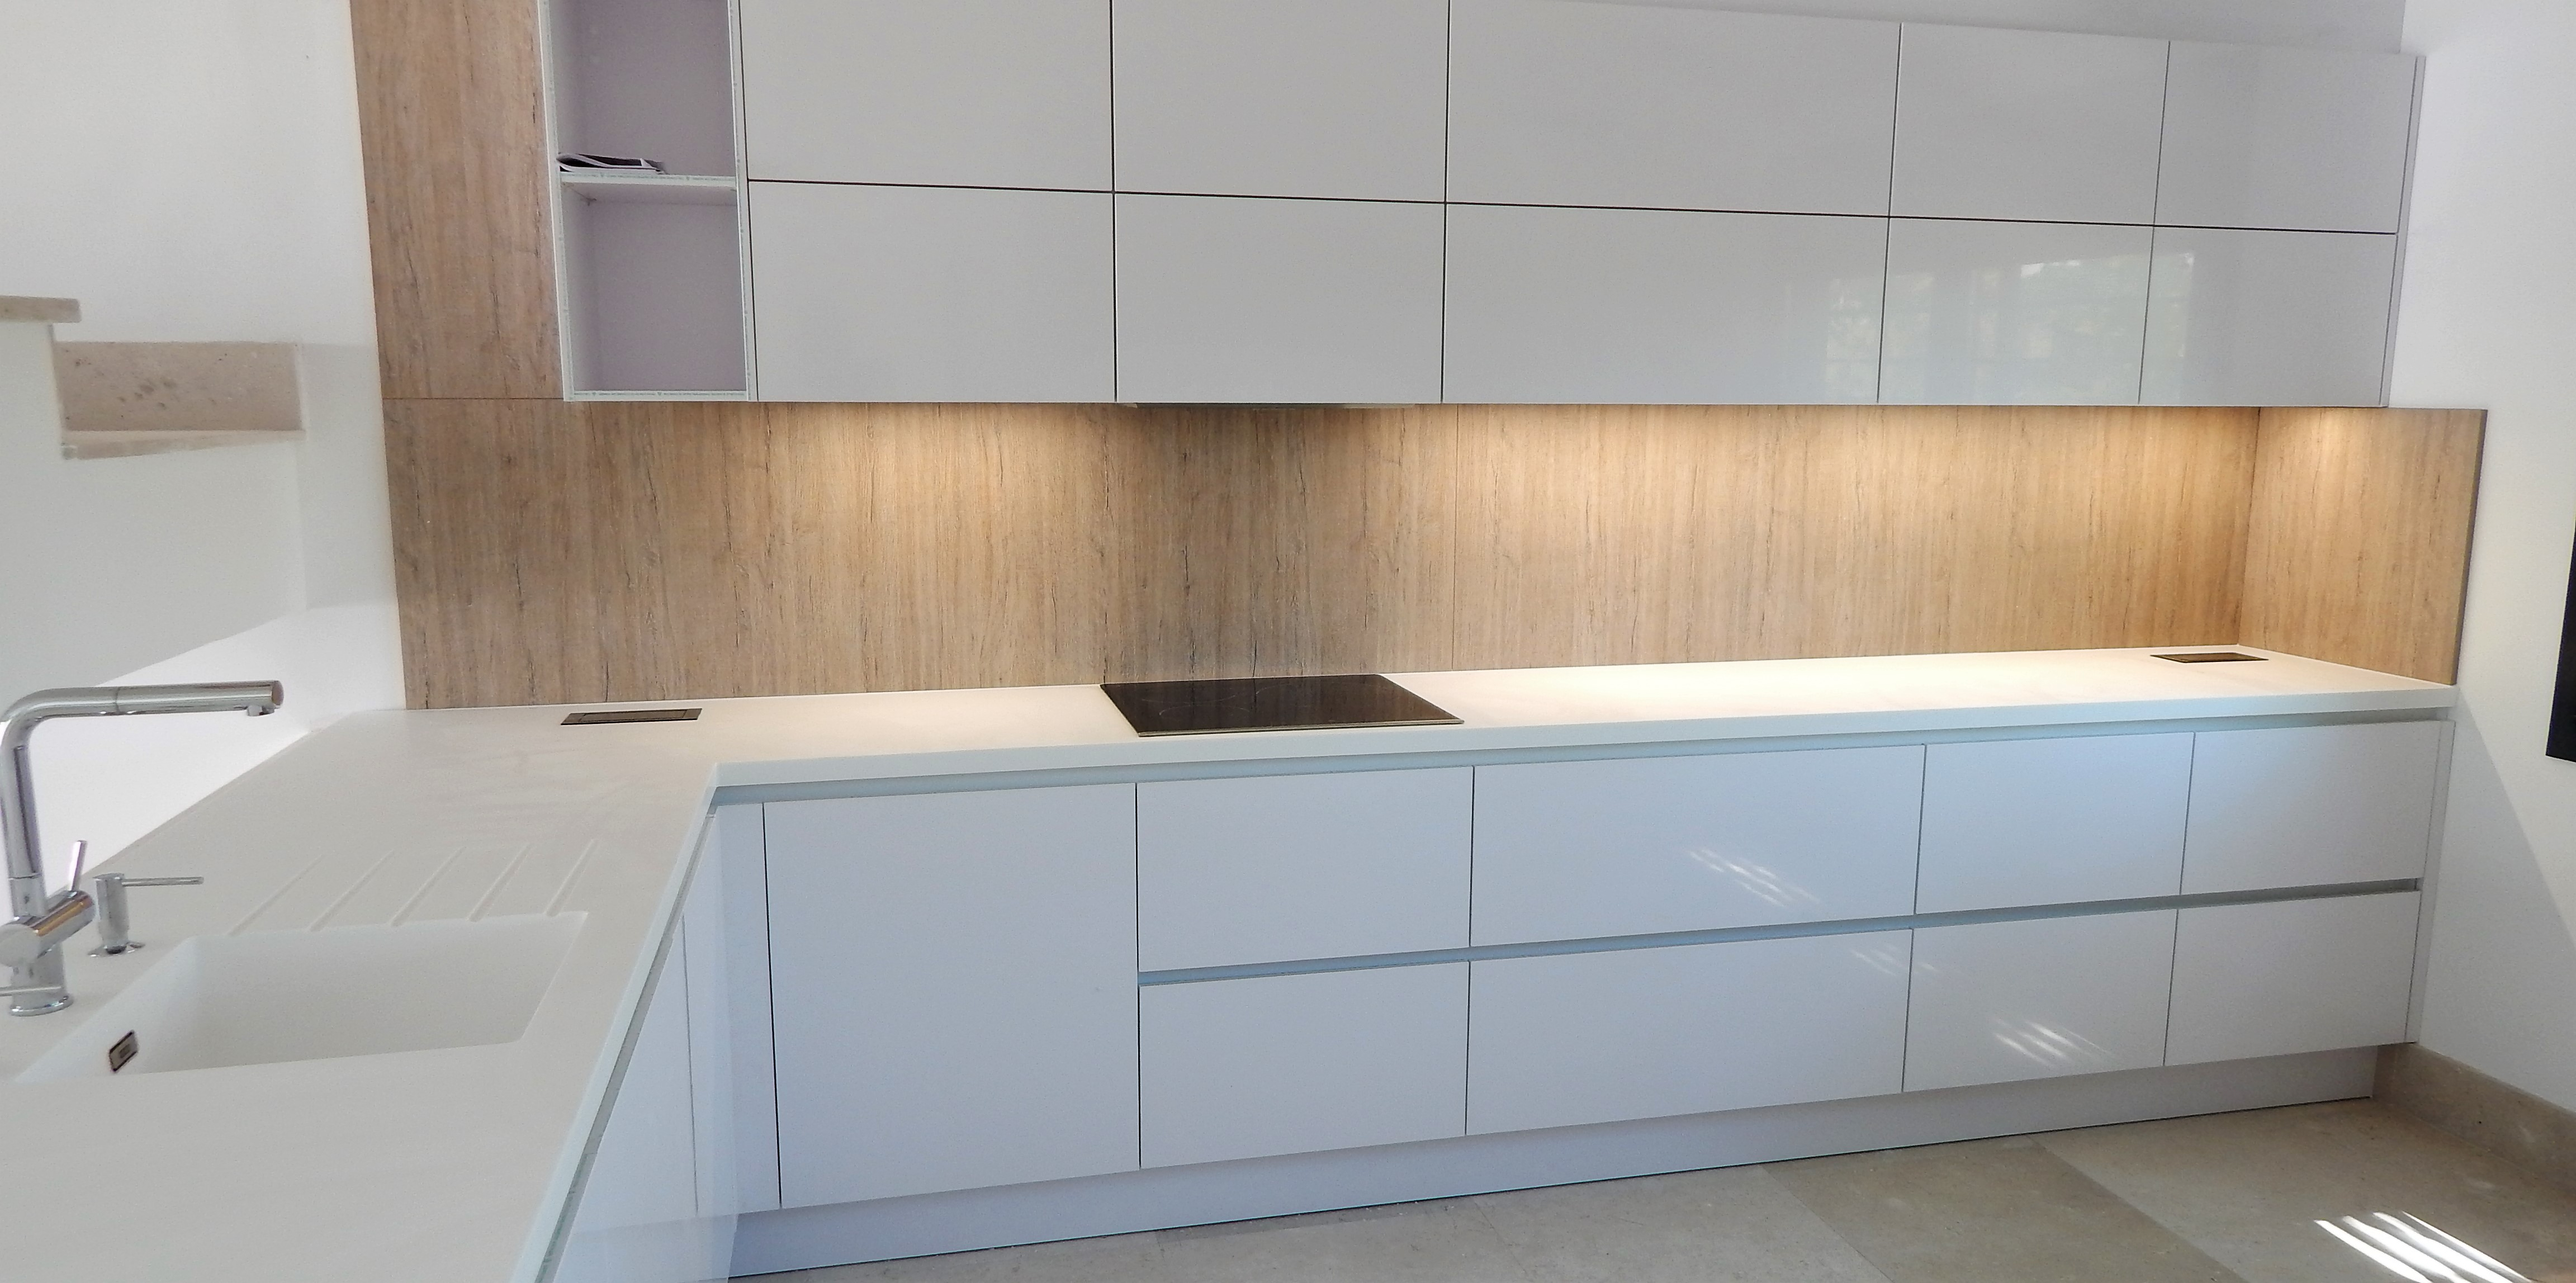 Muebles de cocina en blanco polar alto brillo for Modelo de cocina integrado